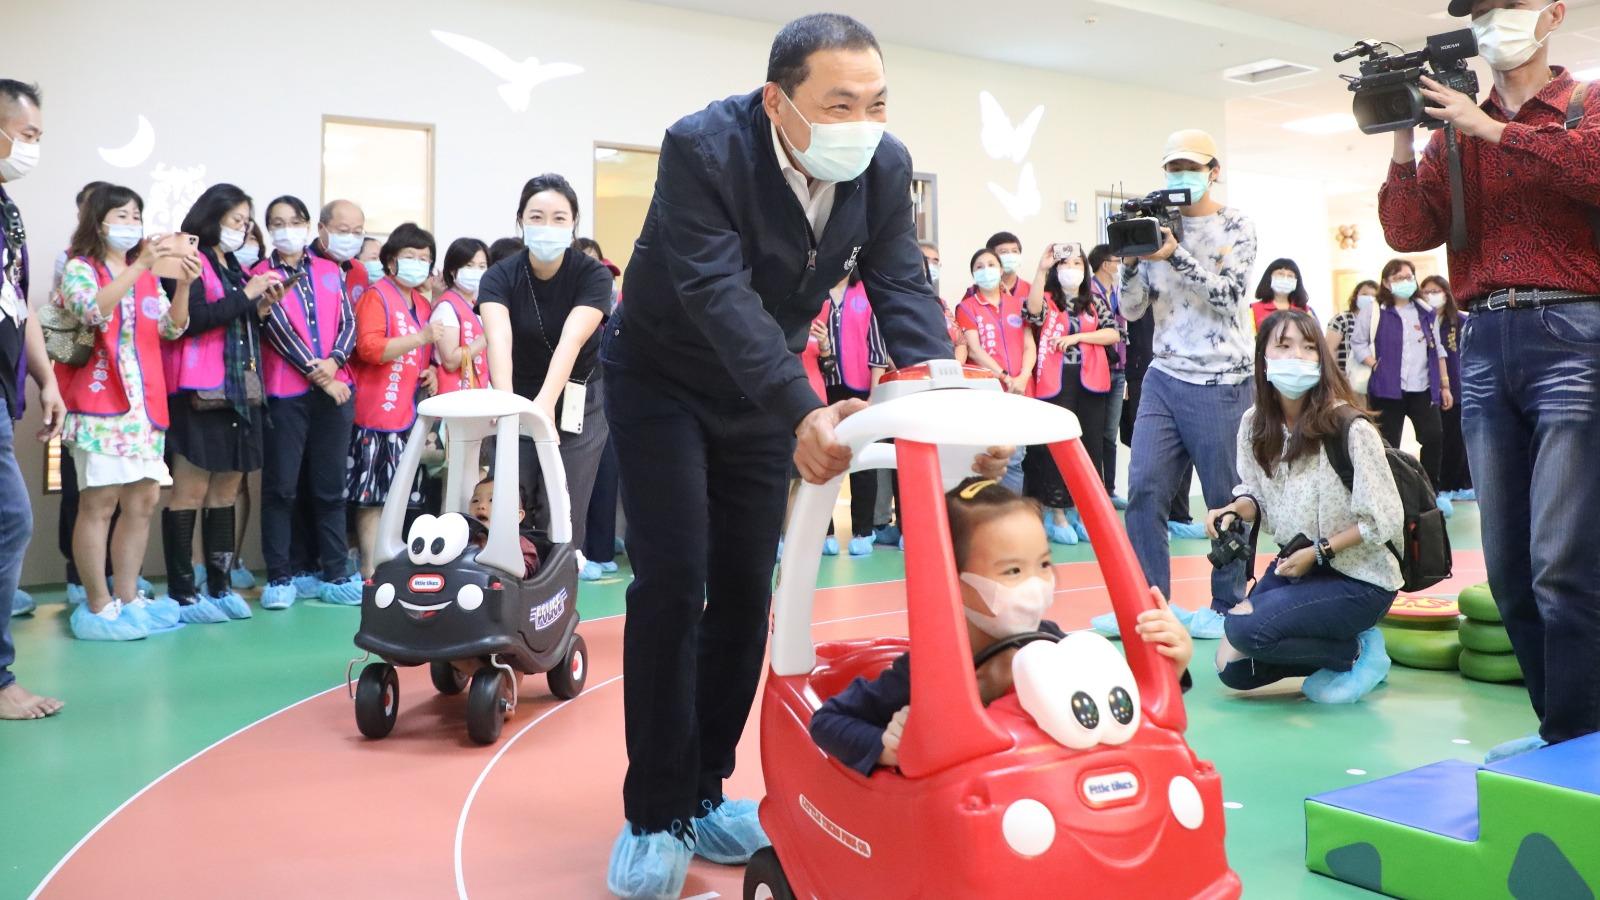 市長與幼兒一同體驗林口西林公托中心特色運動場